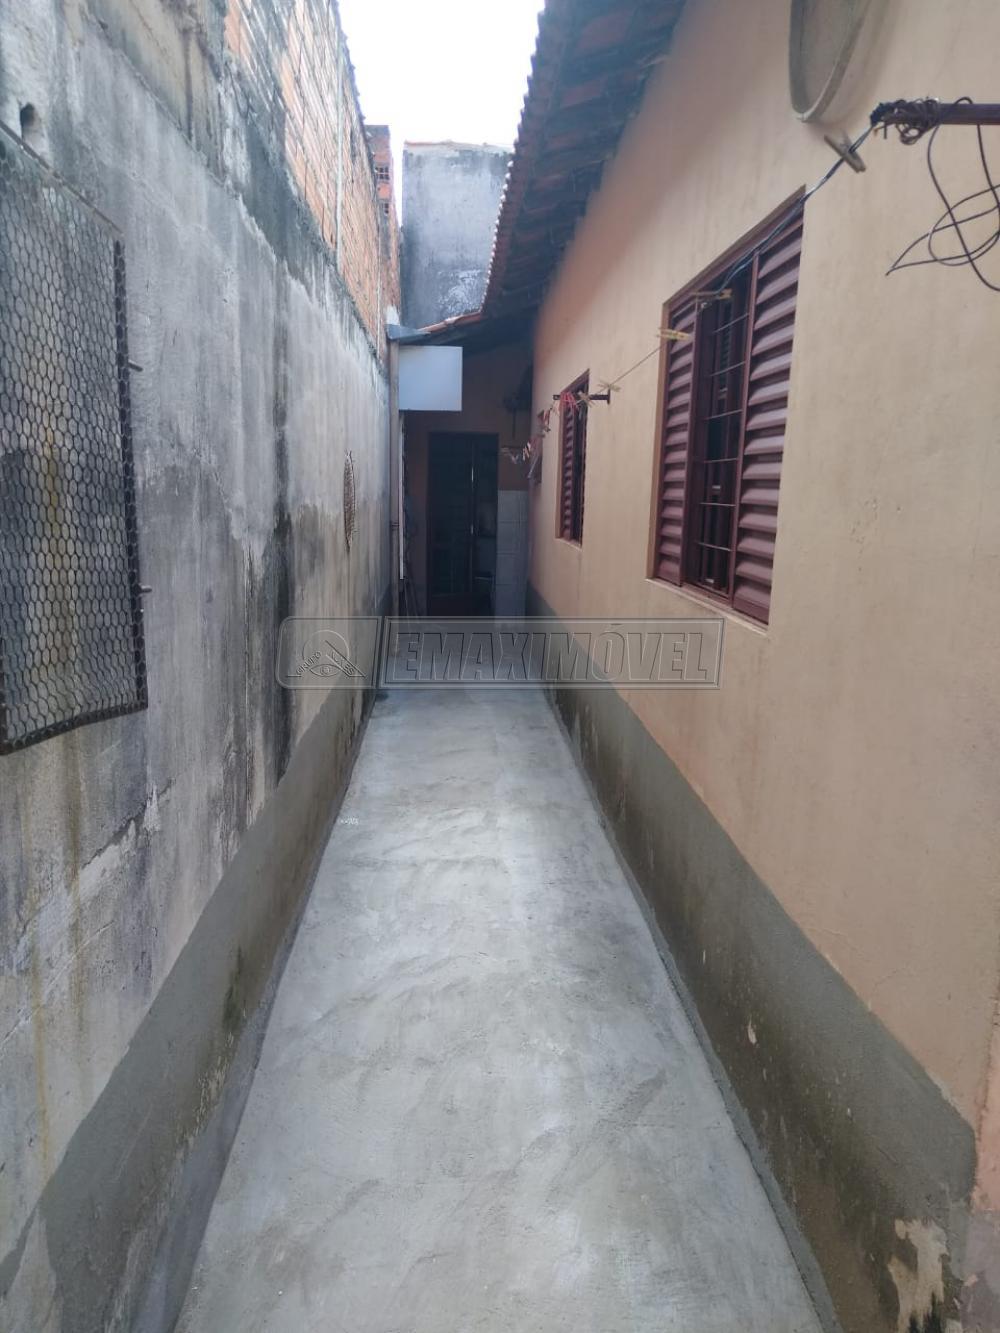 Comprar Casas / em Bairros em Sorocaba R$ 210.000,00 - Foto 20